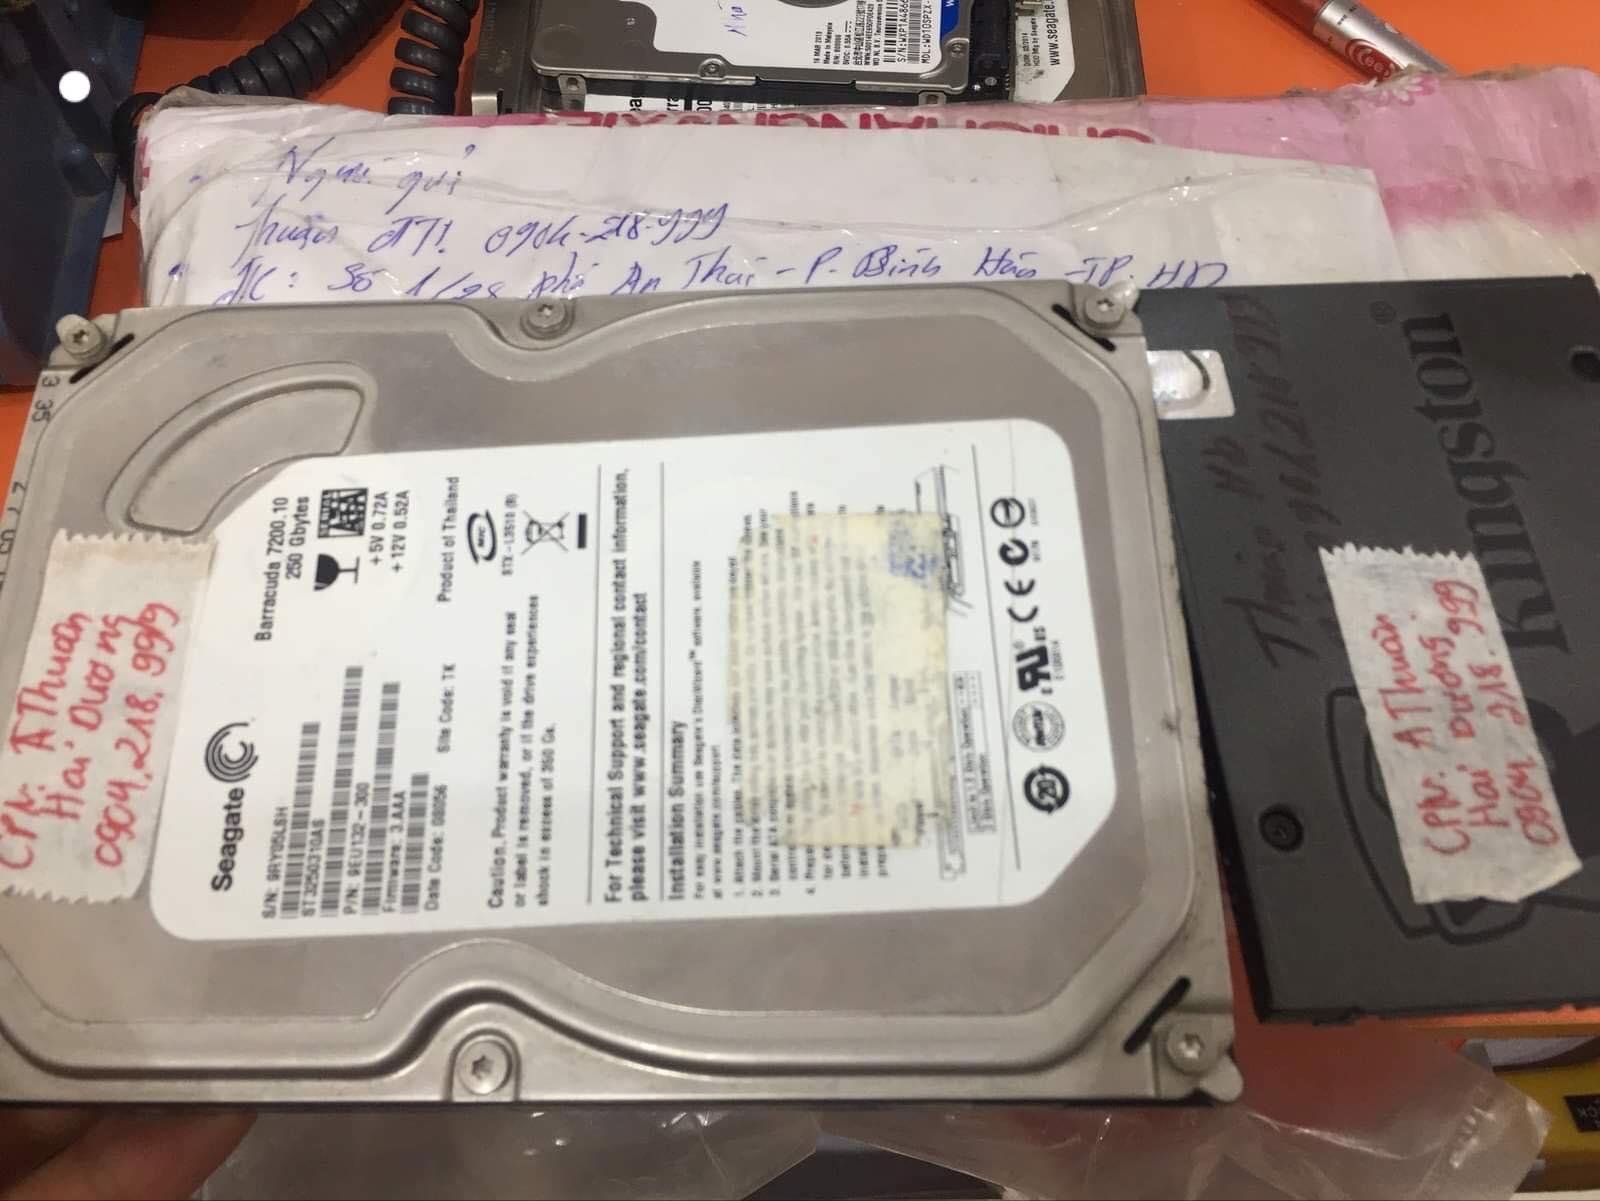 Khôi phục dữ liệu ổ cứng Seagate 250GB không nhận tại Hải Dương 20/06/2019 - cuumaytinh